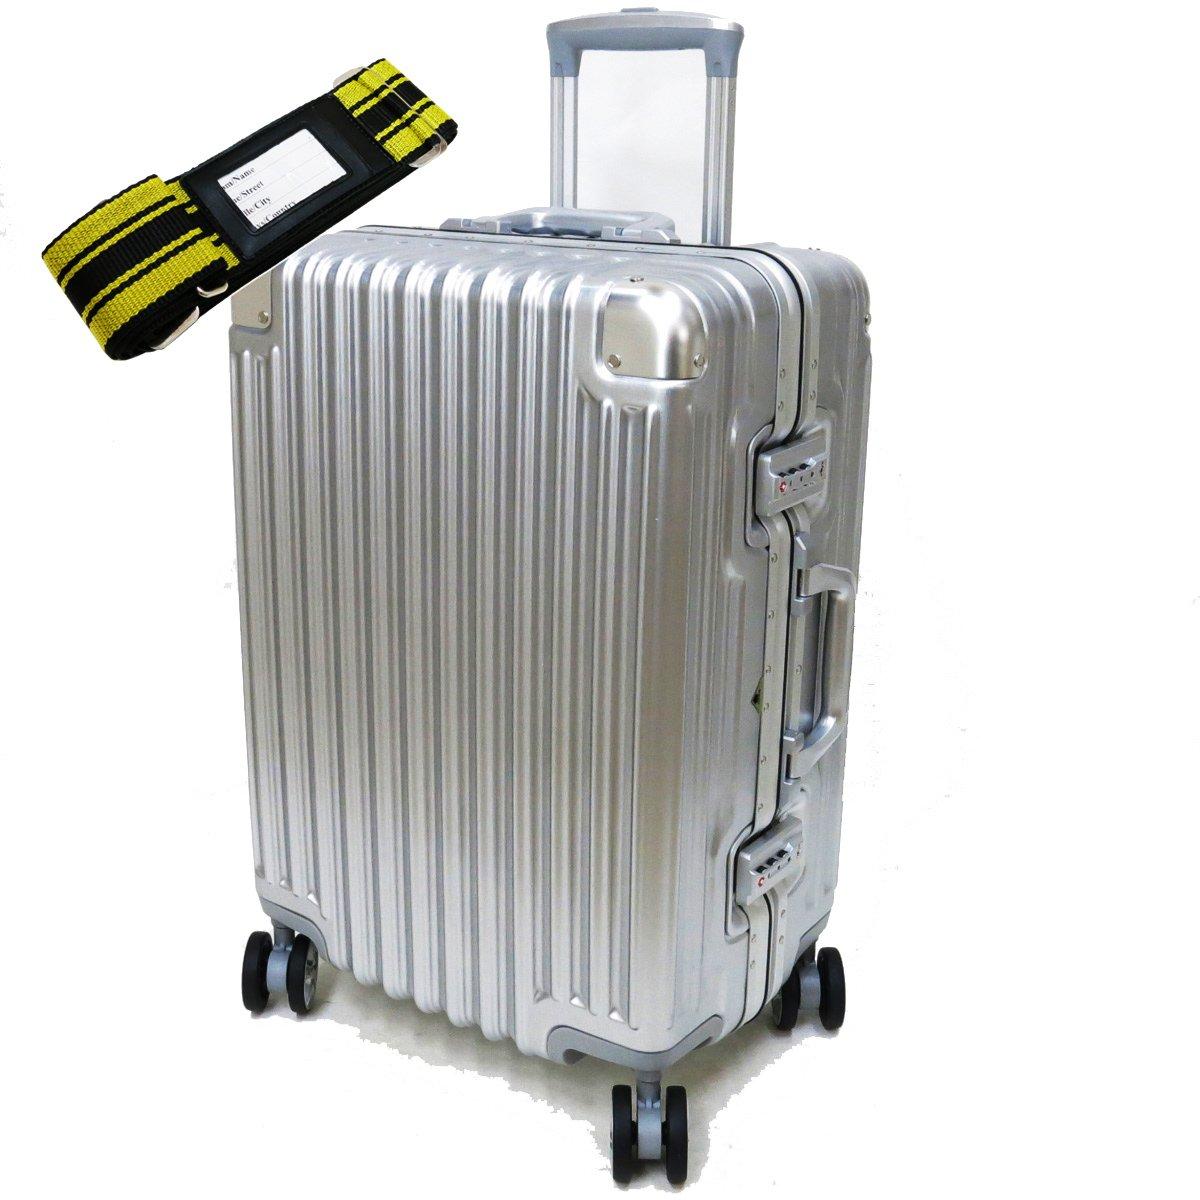 [セット品] (シフレ トライデント) siffler TRIDENT TRI1030-52 スーツケース 受託手荷物無料サイズ(カバンクラブ) 鞄倶楽部 59013 スーツケースベルト 【合計2点セット】 B01N6Y1MTJシルバー